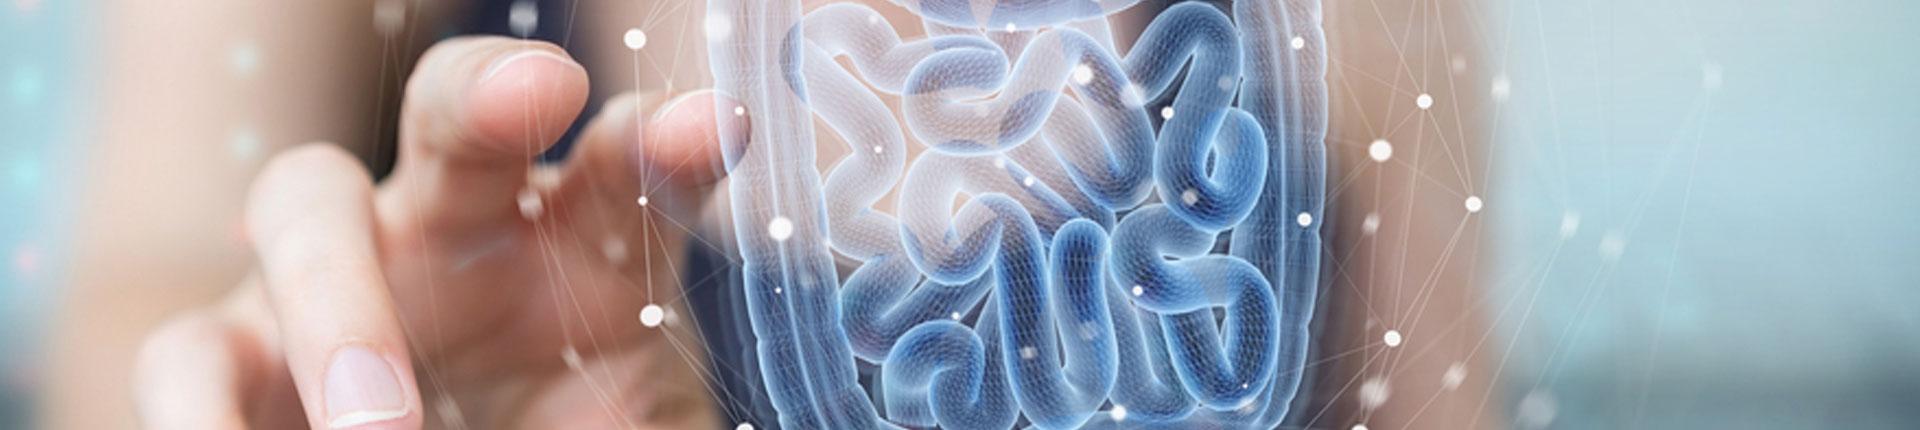 Zdrowe jelita - jak dbać i odbudować florę bakteryjną?